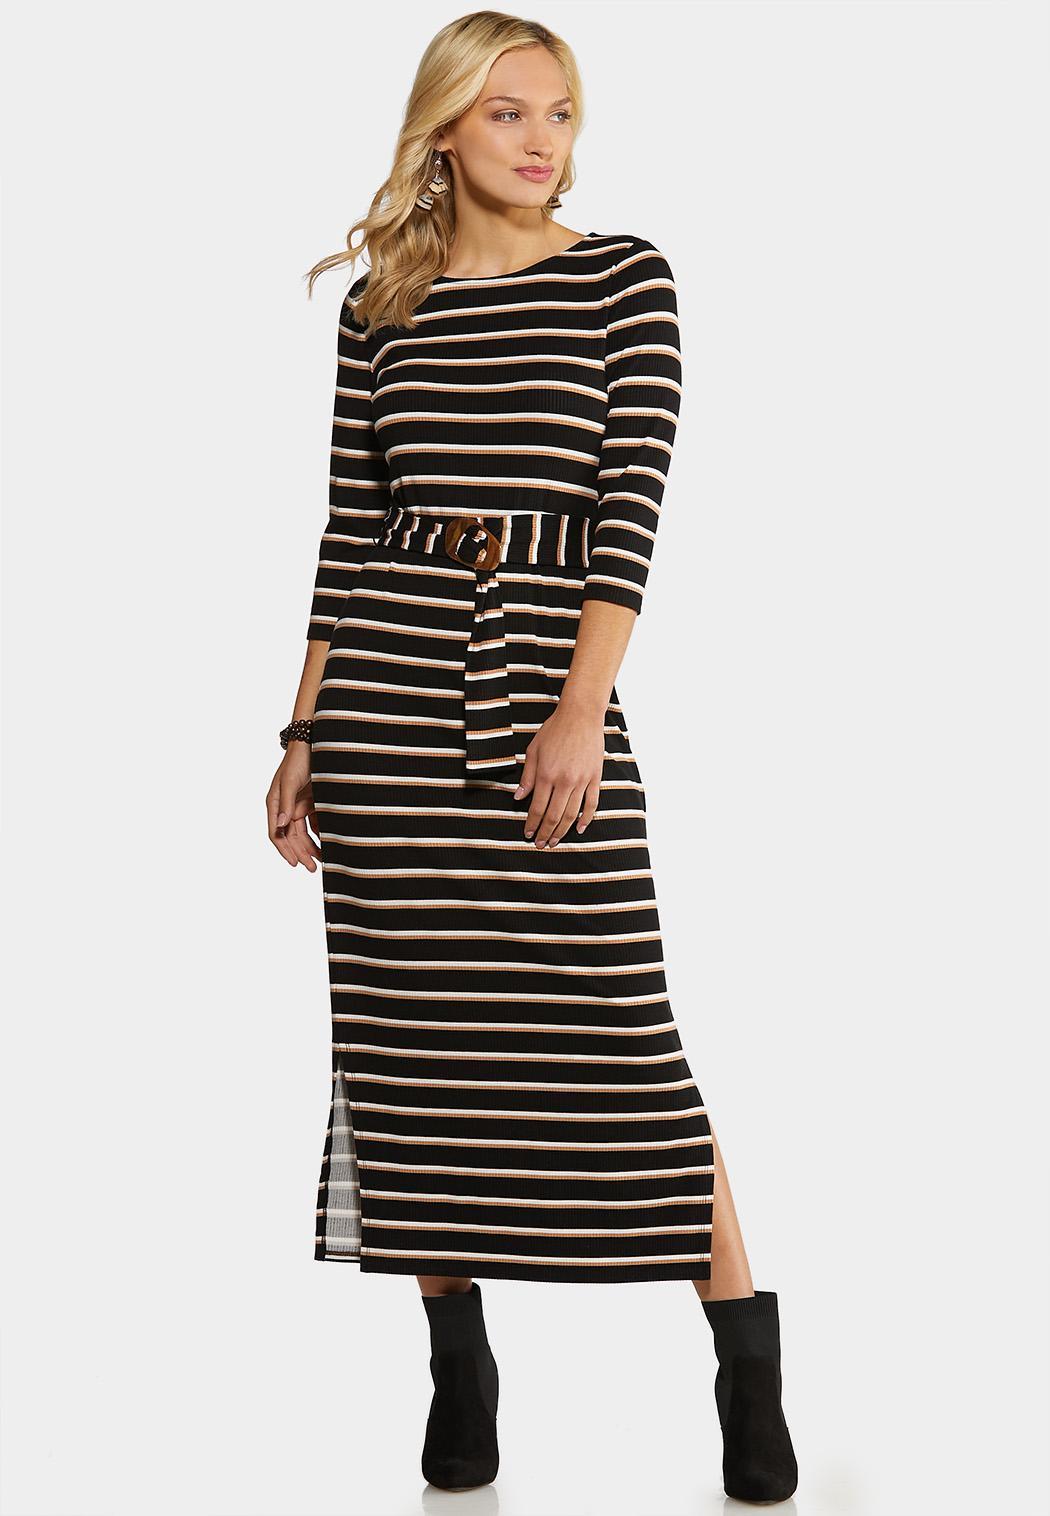 Belted Stripe Knit Dress